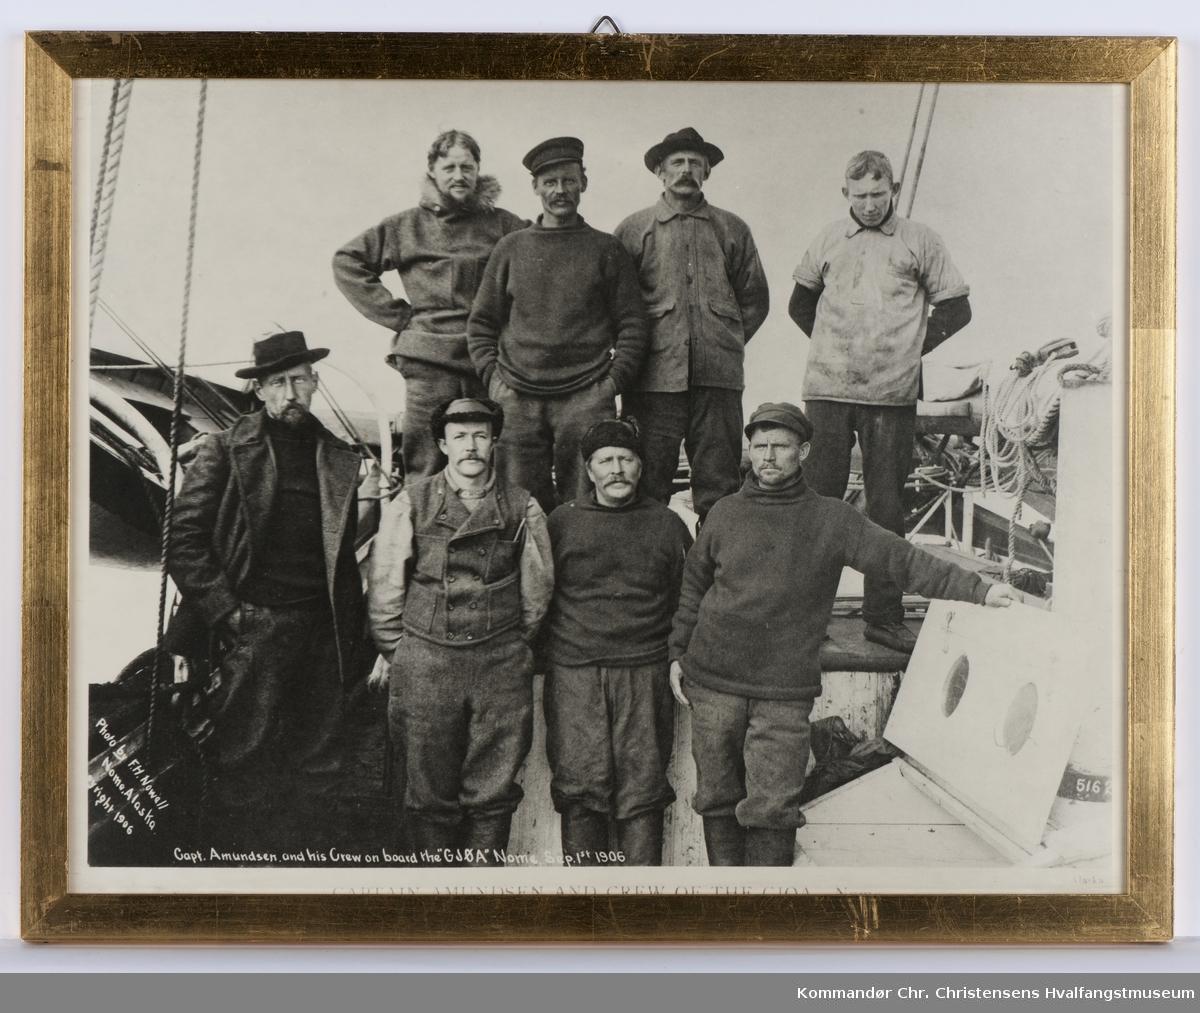 Godfred Hansen (1876 - 1937) var en dansk marineoffiser, som var nestkommanderende på Gjøaekspedisjonen gjennom Nordvestpassasjen, 1903-1906.